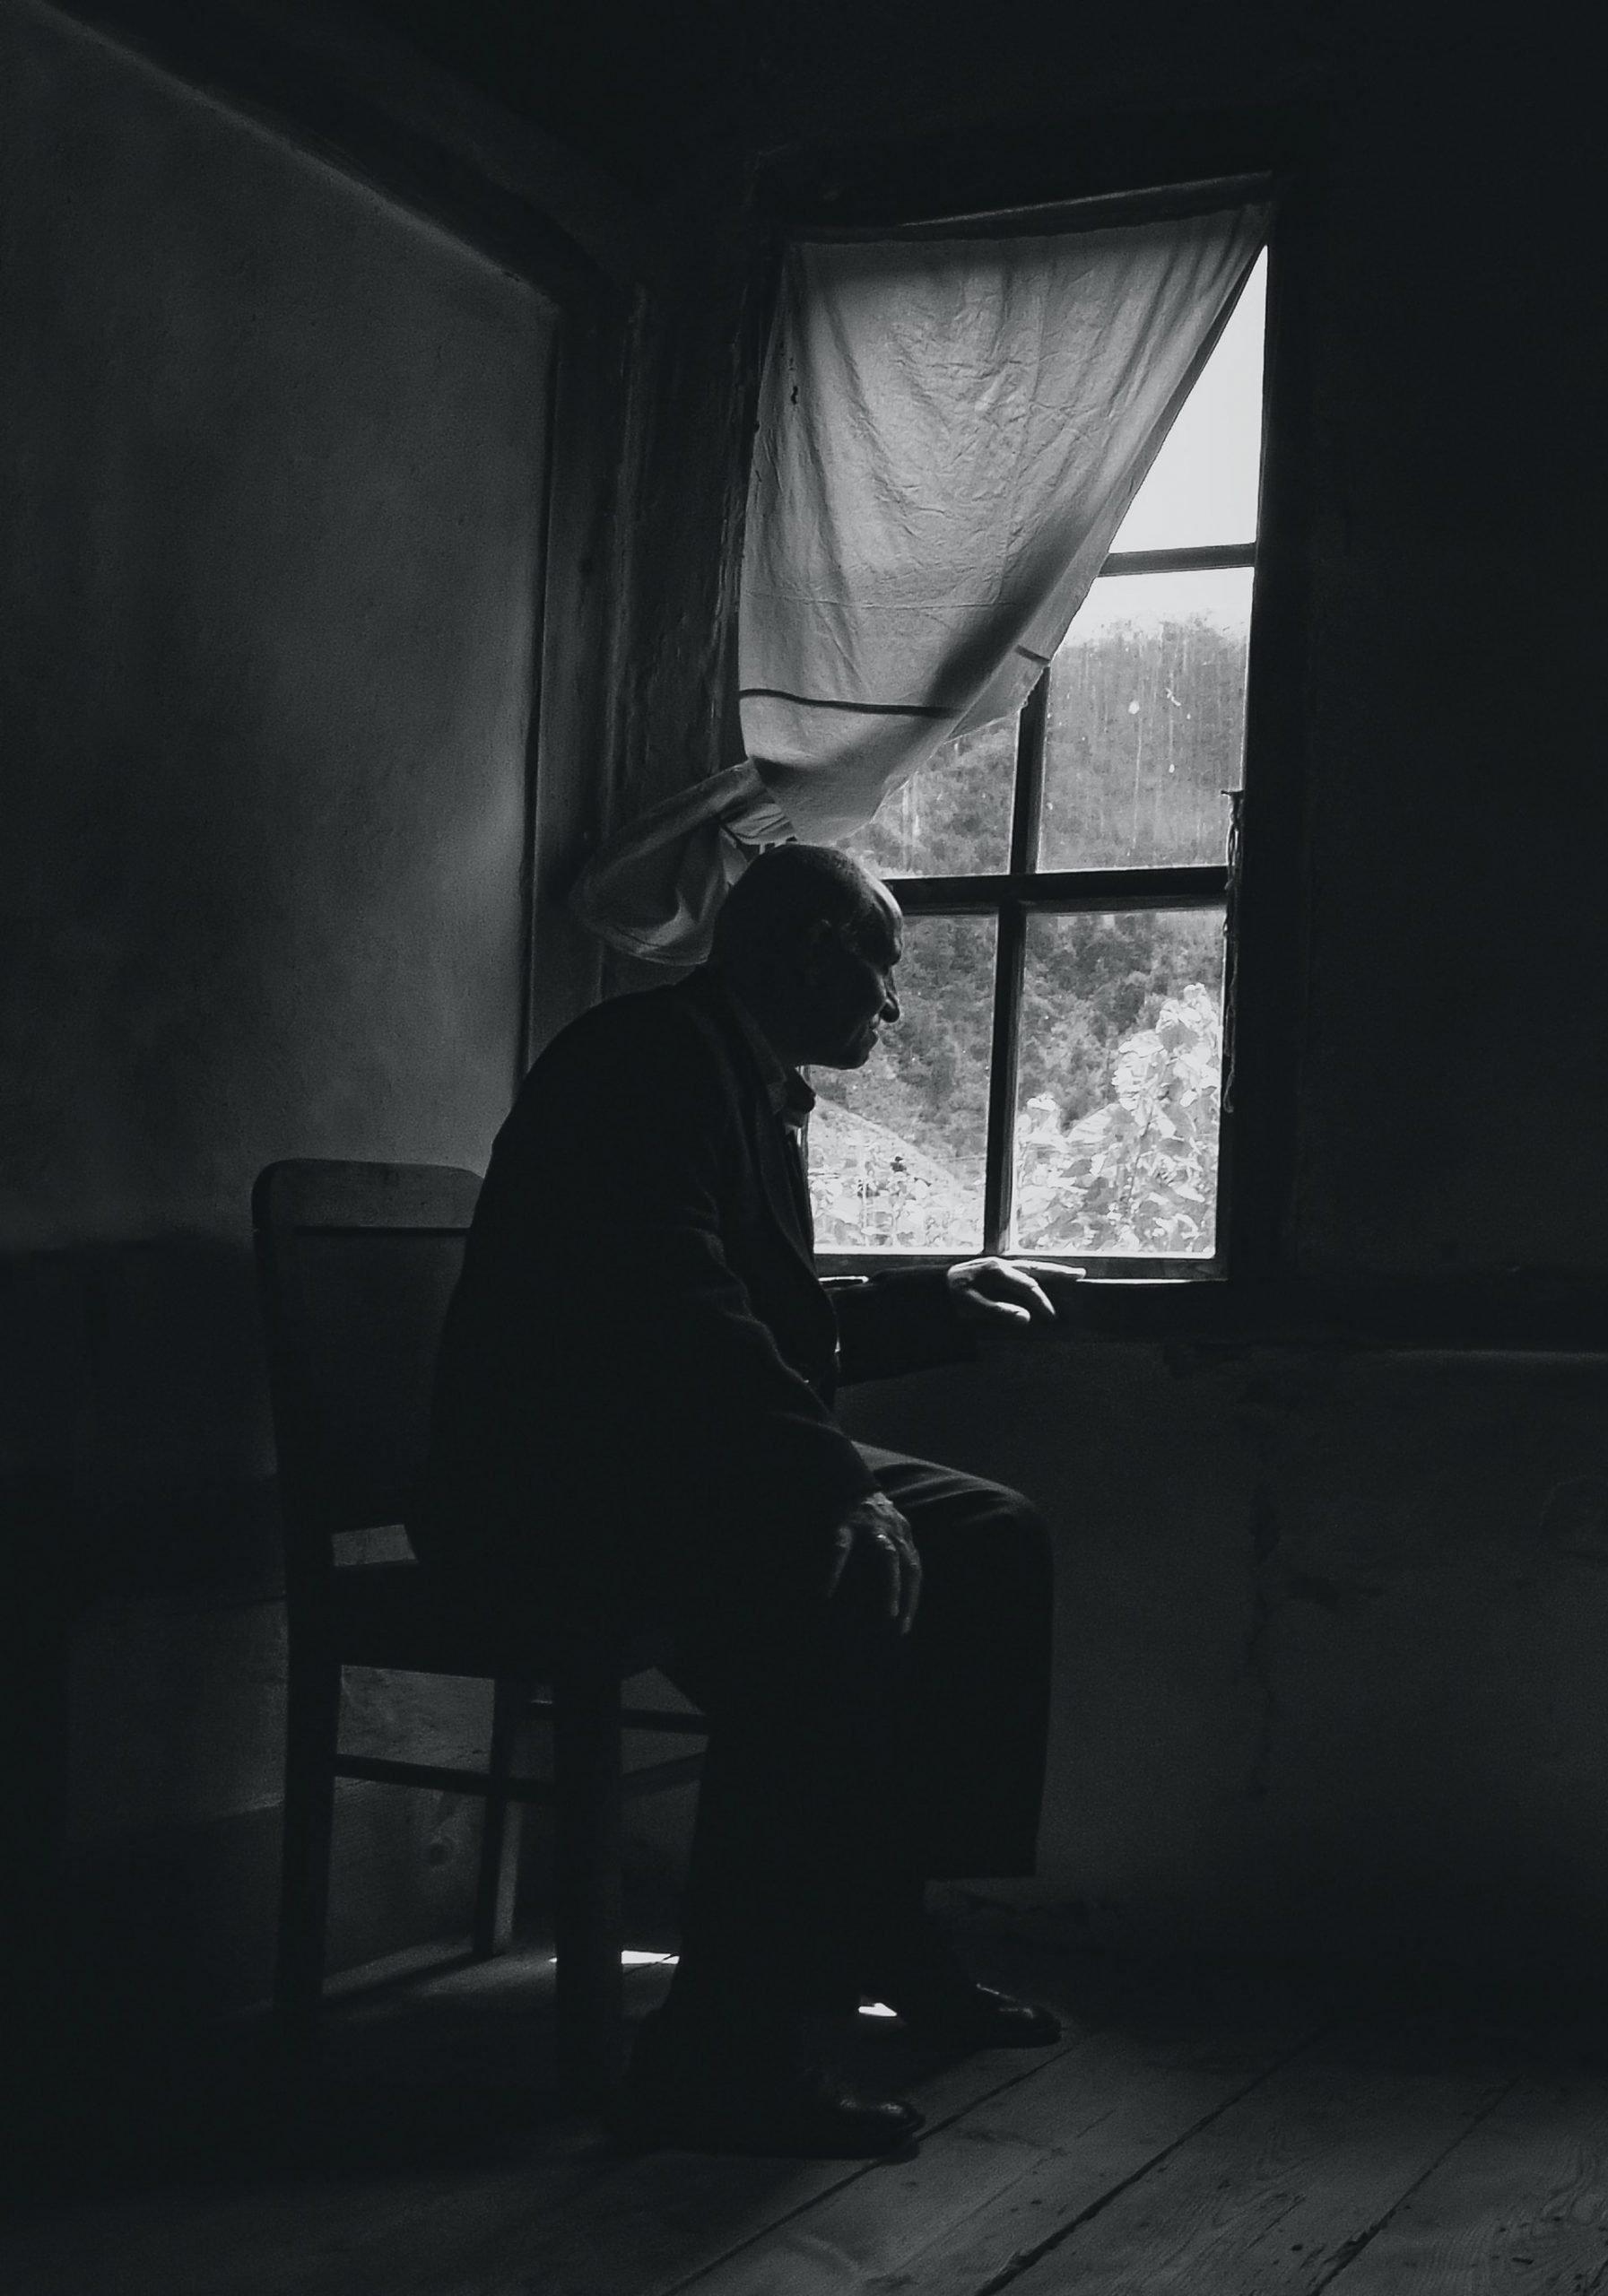 Dôchodca sediaci pri okne